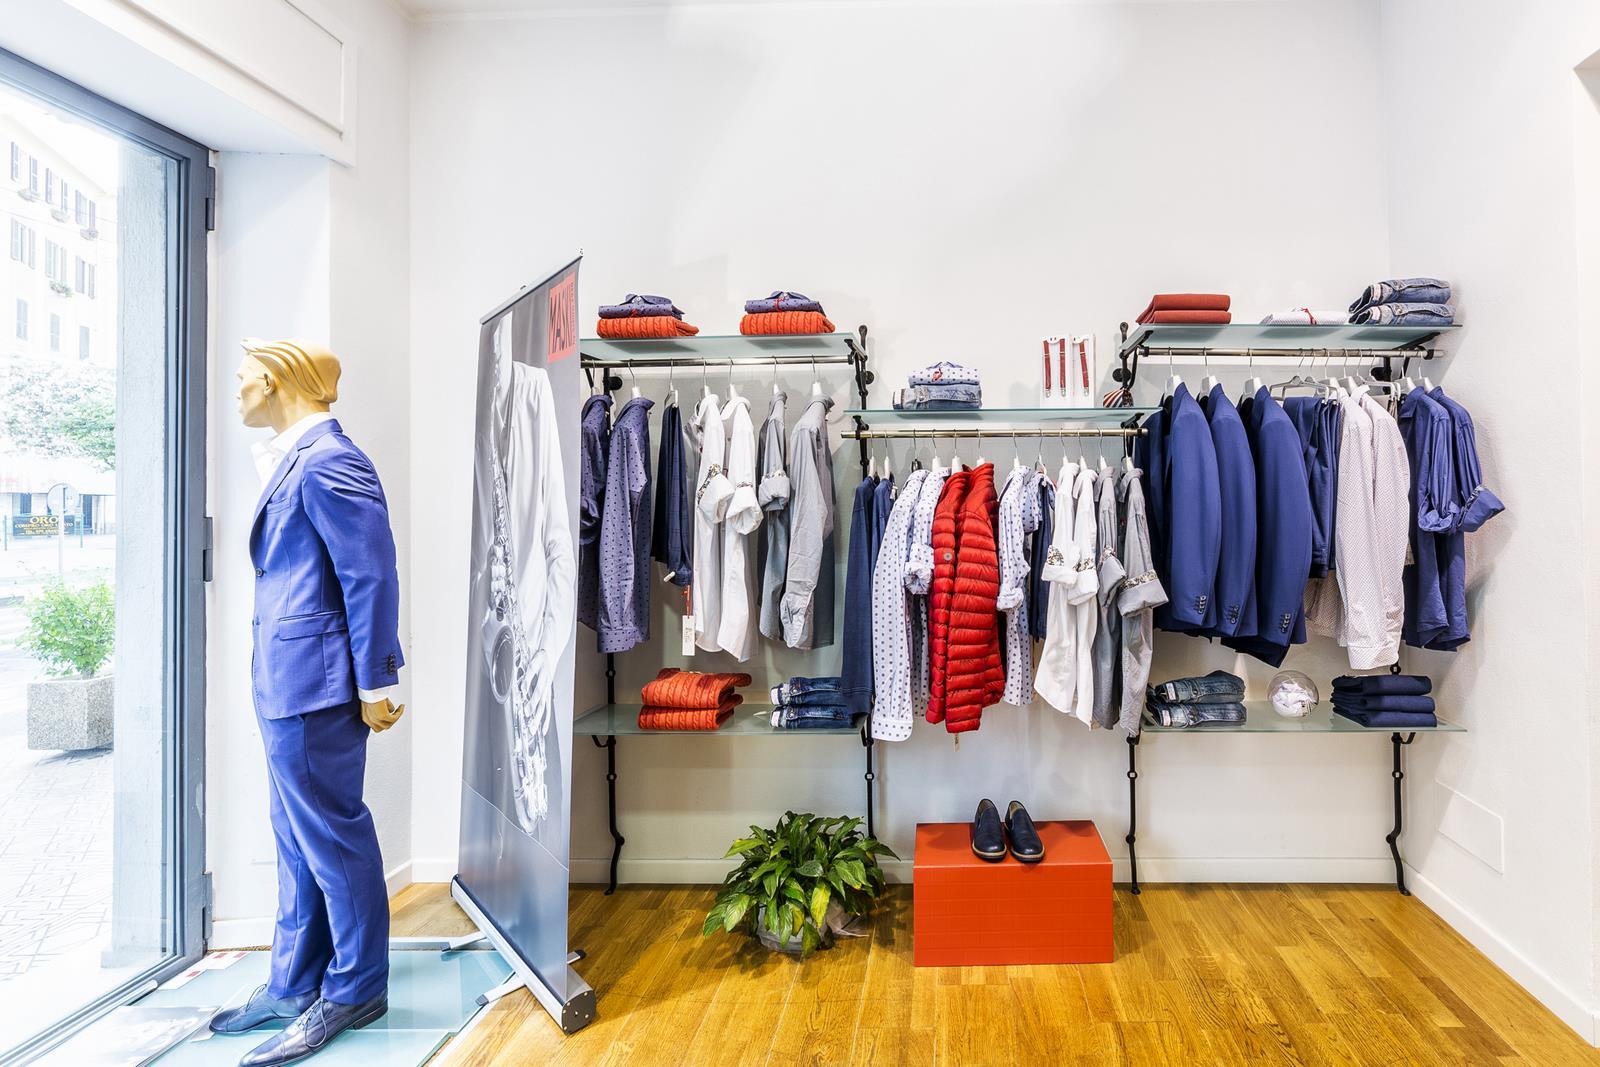 vendita moda umo Cagliari